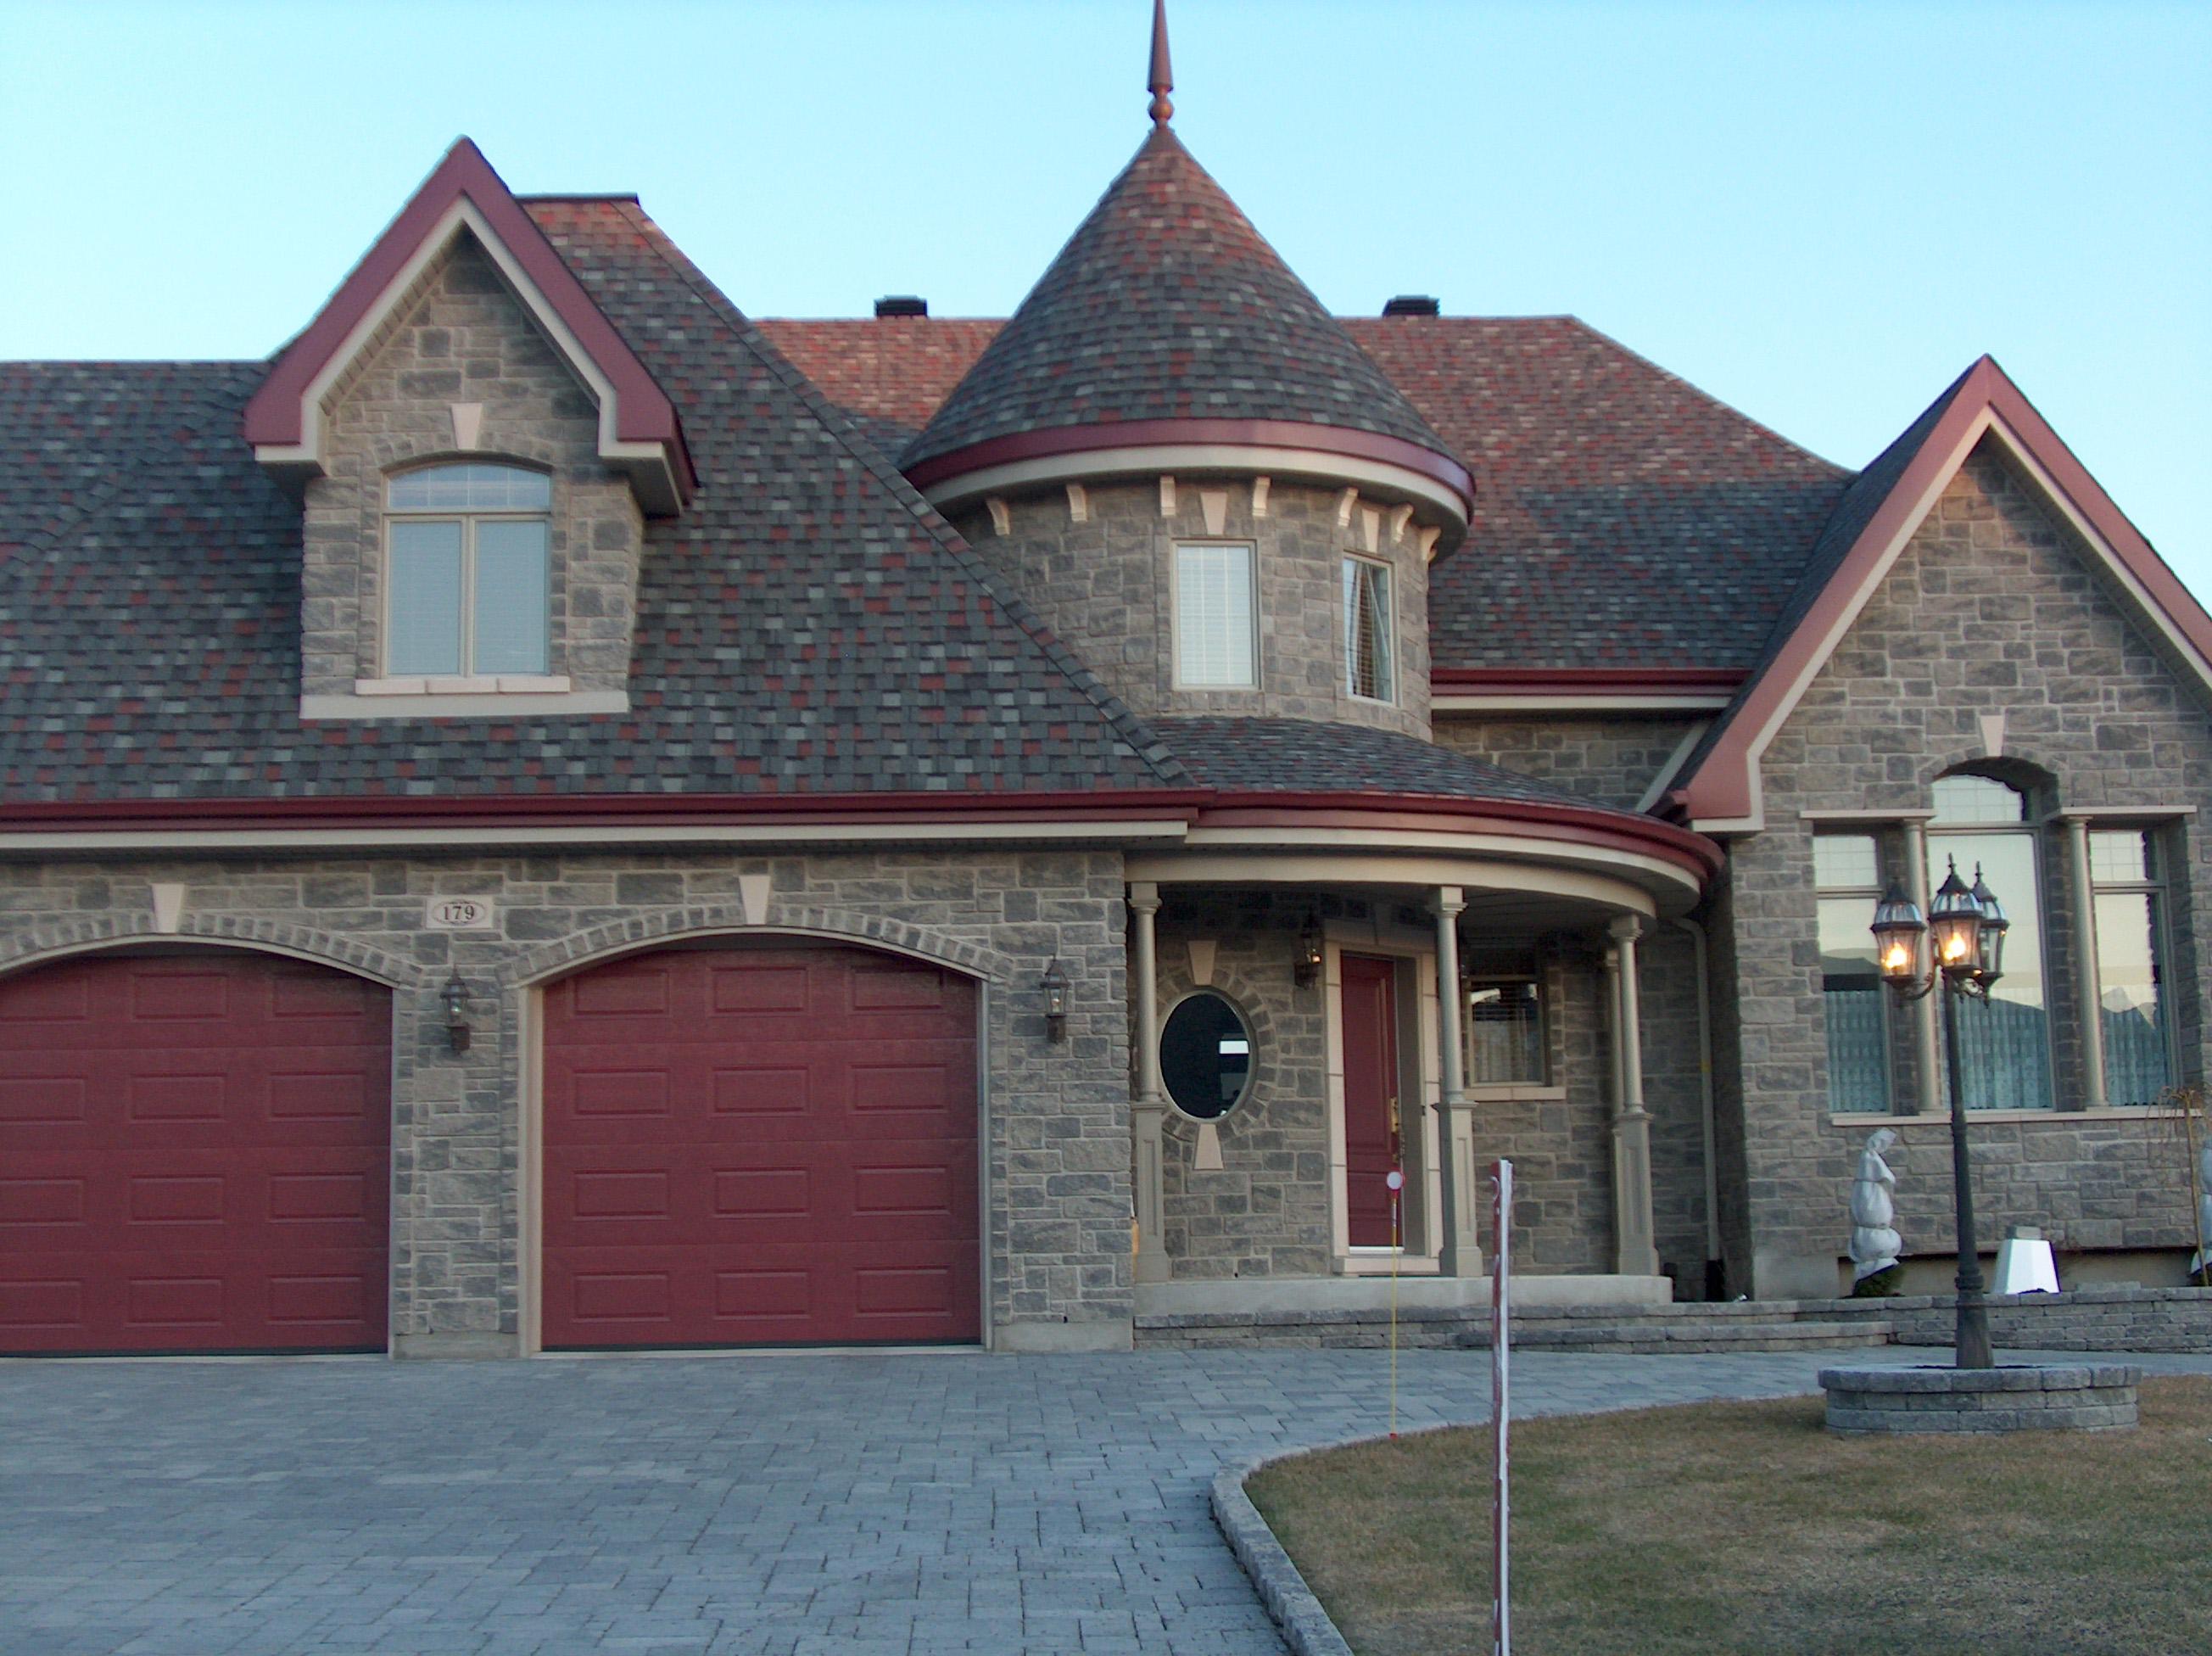 Fotos de exterior de casas canadienses construcciones canadienses - Casas exteriores ...